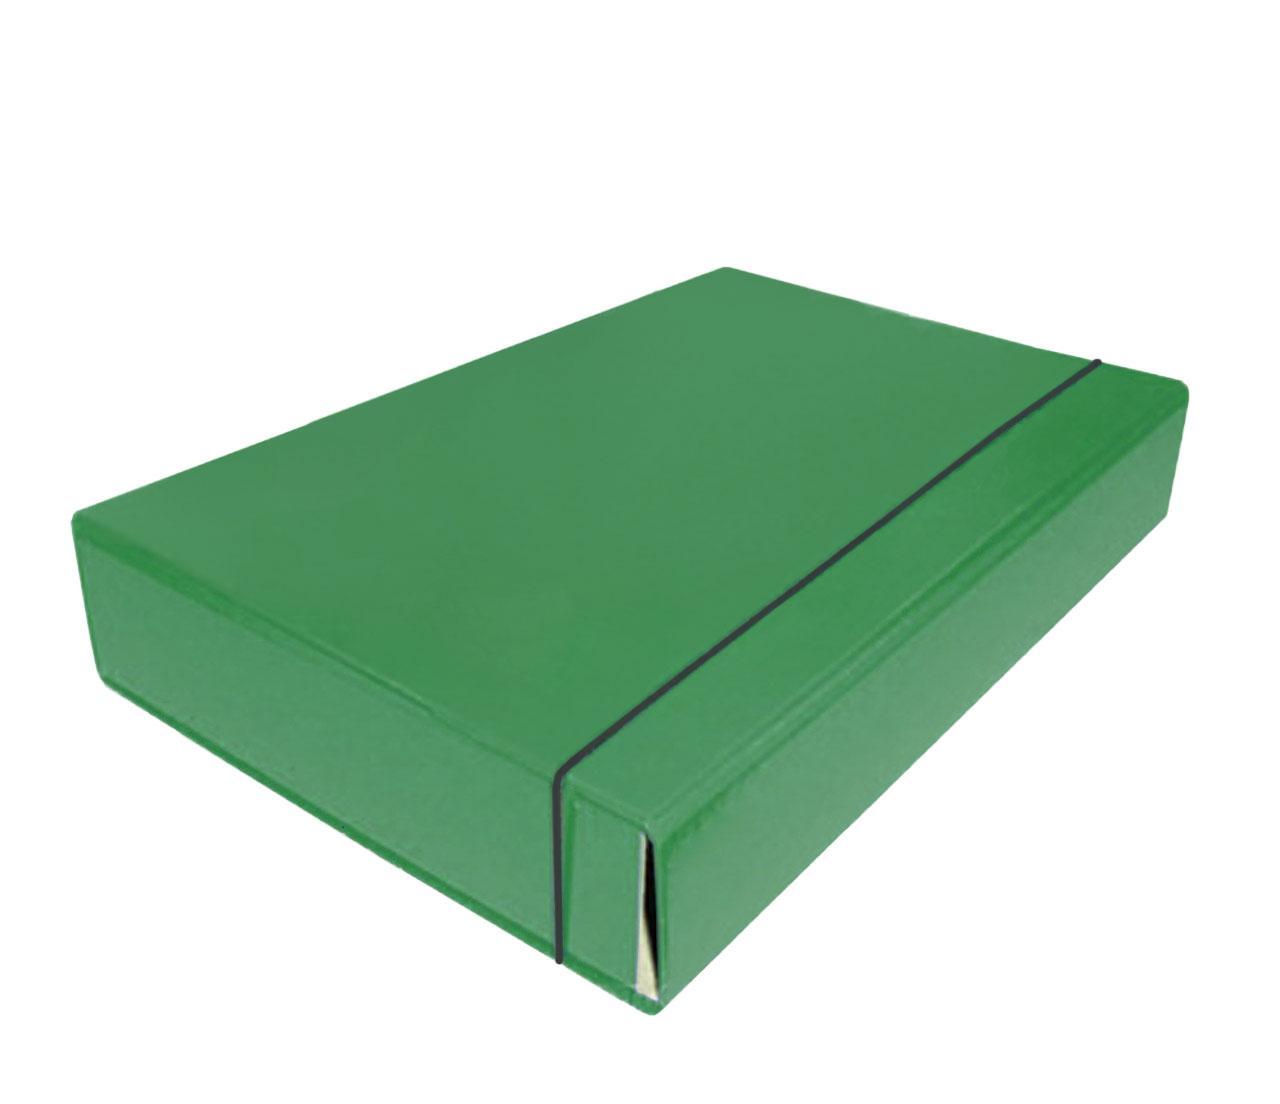 Папка-короб на резинке, А4, 60 мм, полноцветная, PP-покрытие